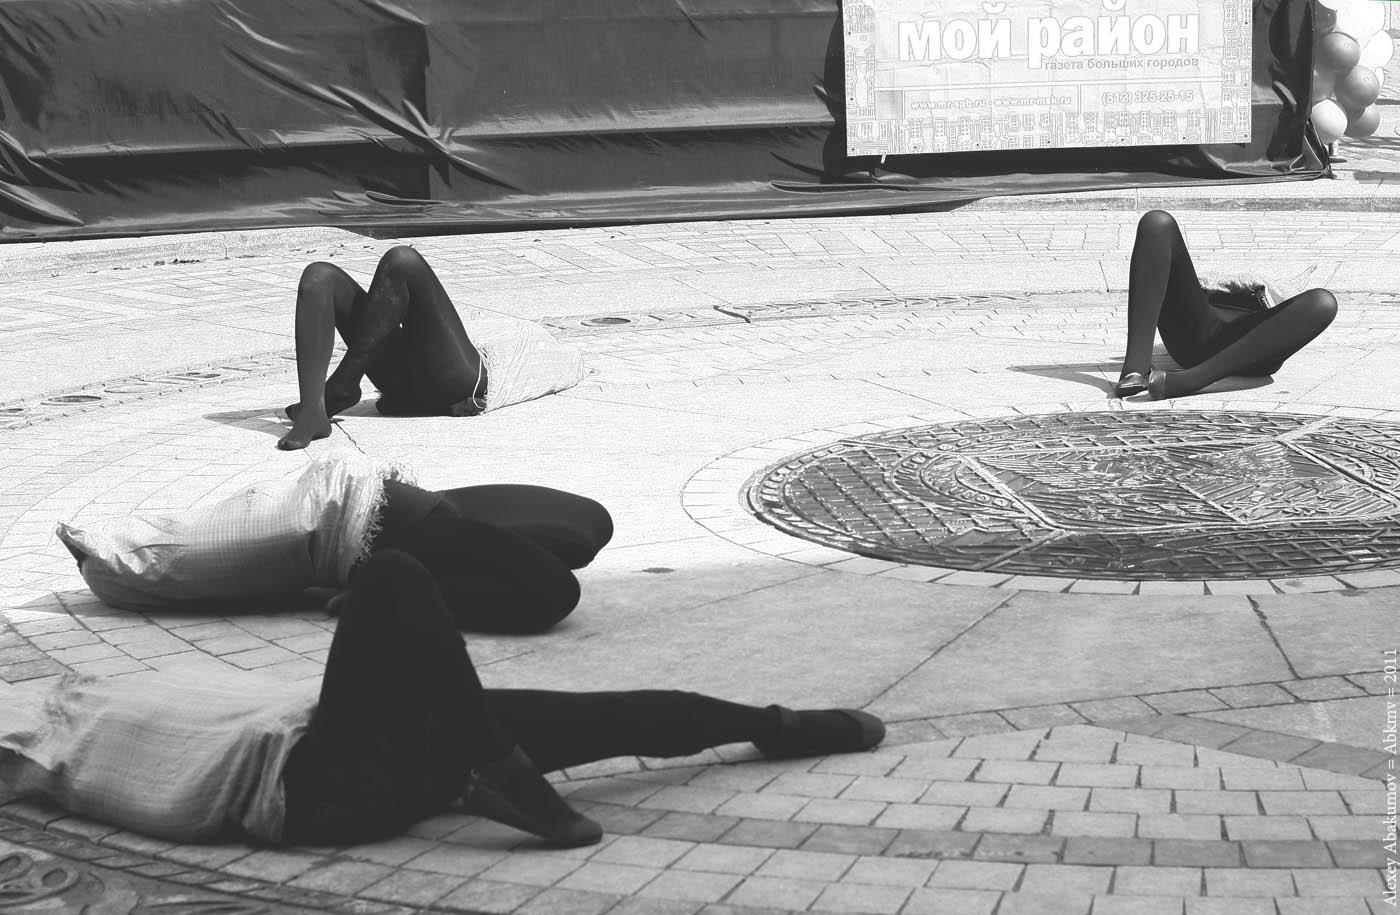 Арт-перформанс в честь дня города. Фото: Алексей Абакумов. Санкт-Петербург, 27 мая 2011 года